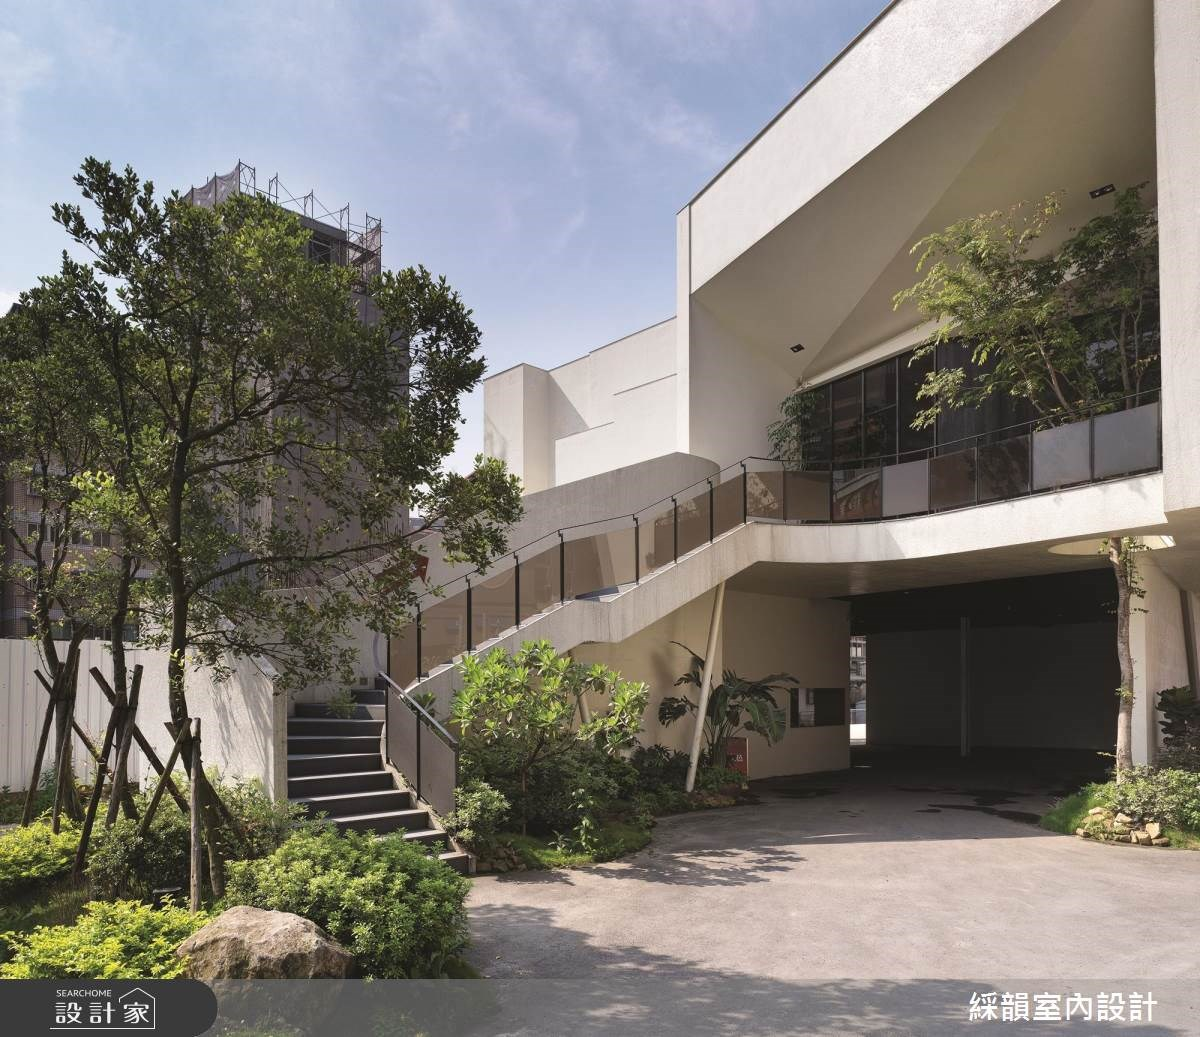 180坪_現代風庭院樓梯案例圖片_綵韻室內設計有限公司_綵韻_13之10